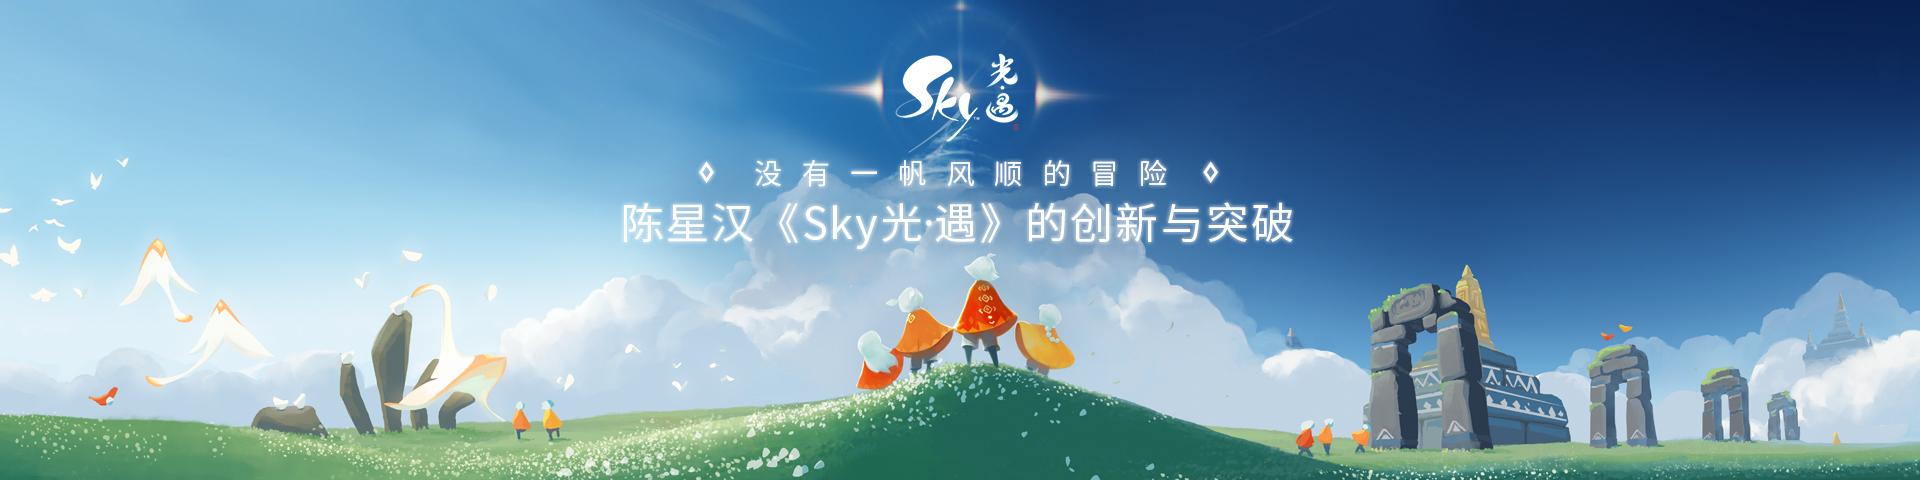 没有一帆风顺的冒险:陈星汉《Sky光·遇》的创新与突破